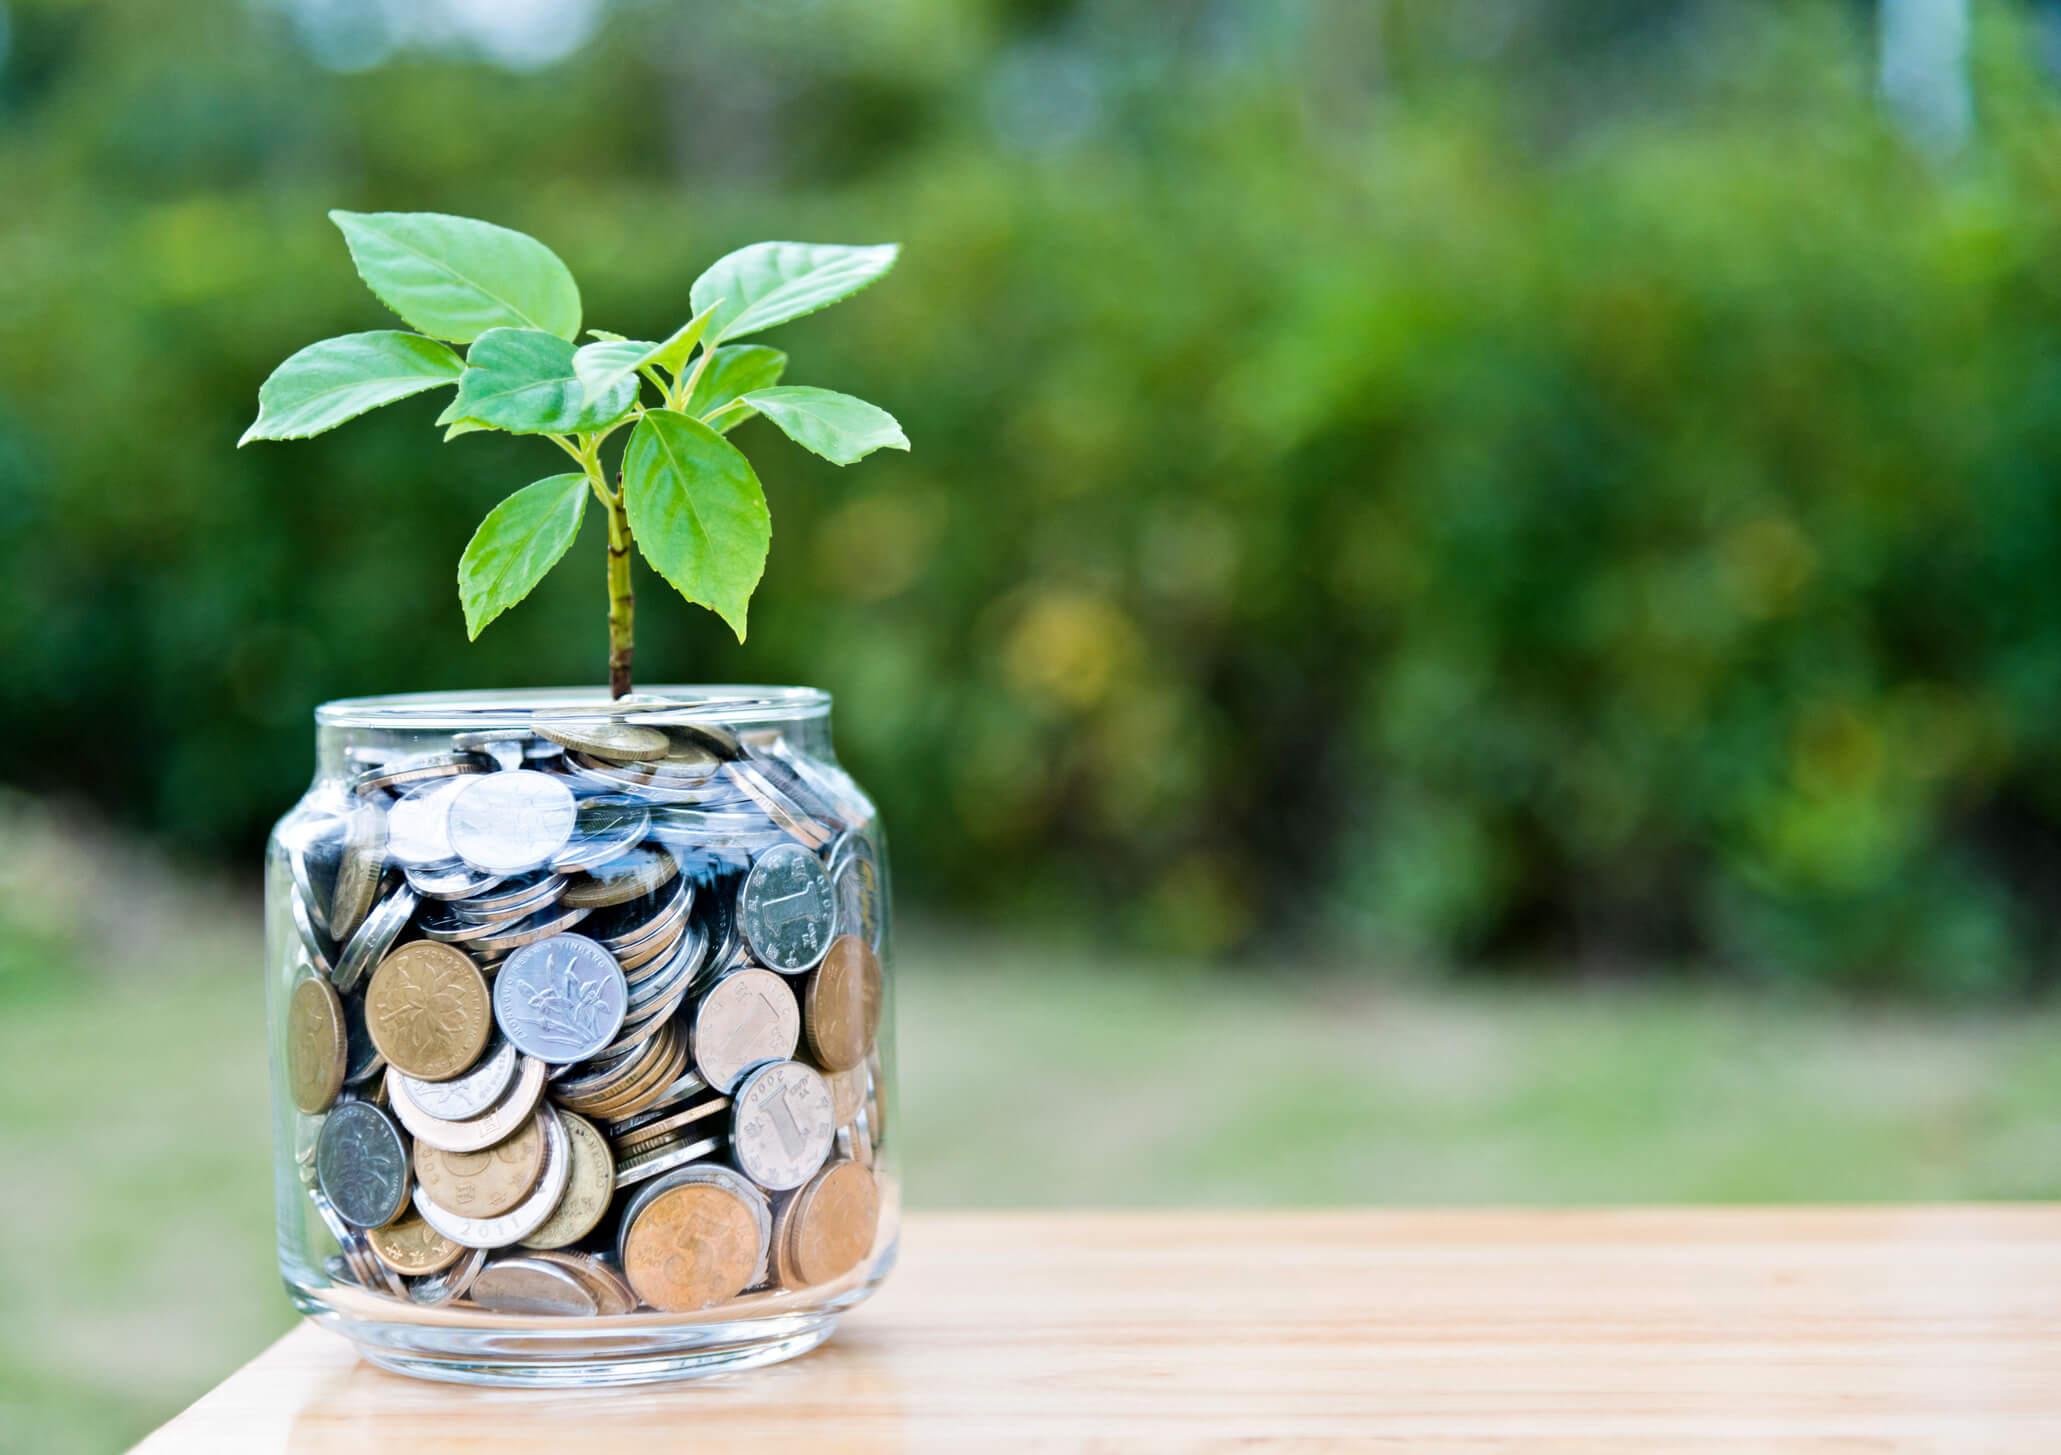 Tendência para ganhar dinheiro em 2018 como freelancer